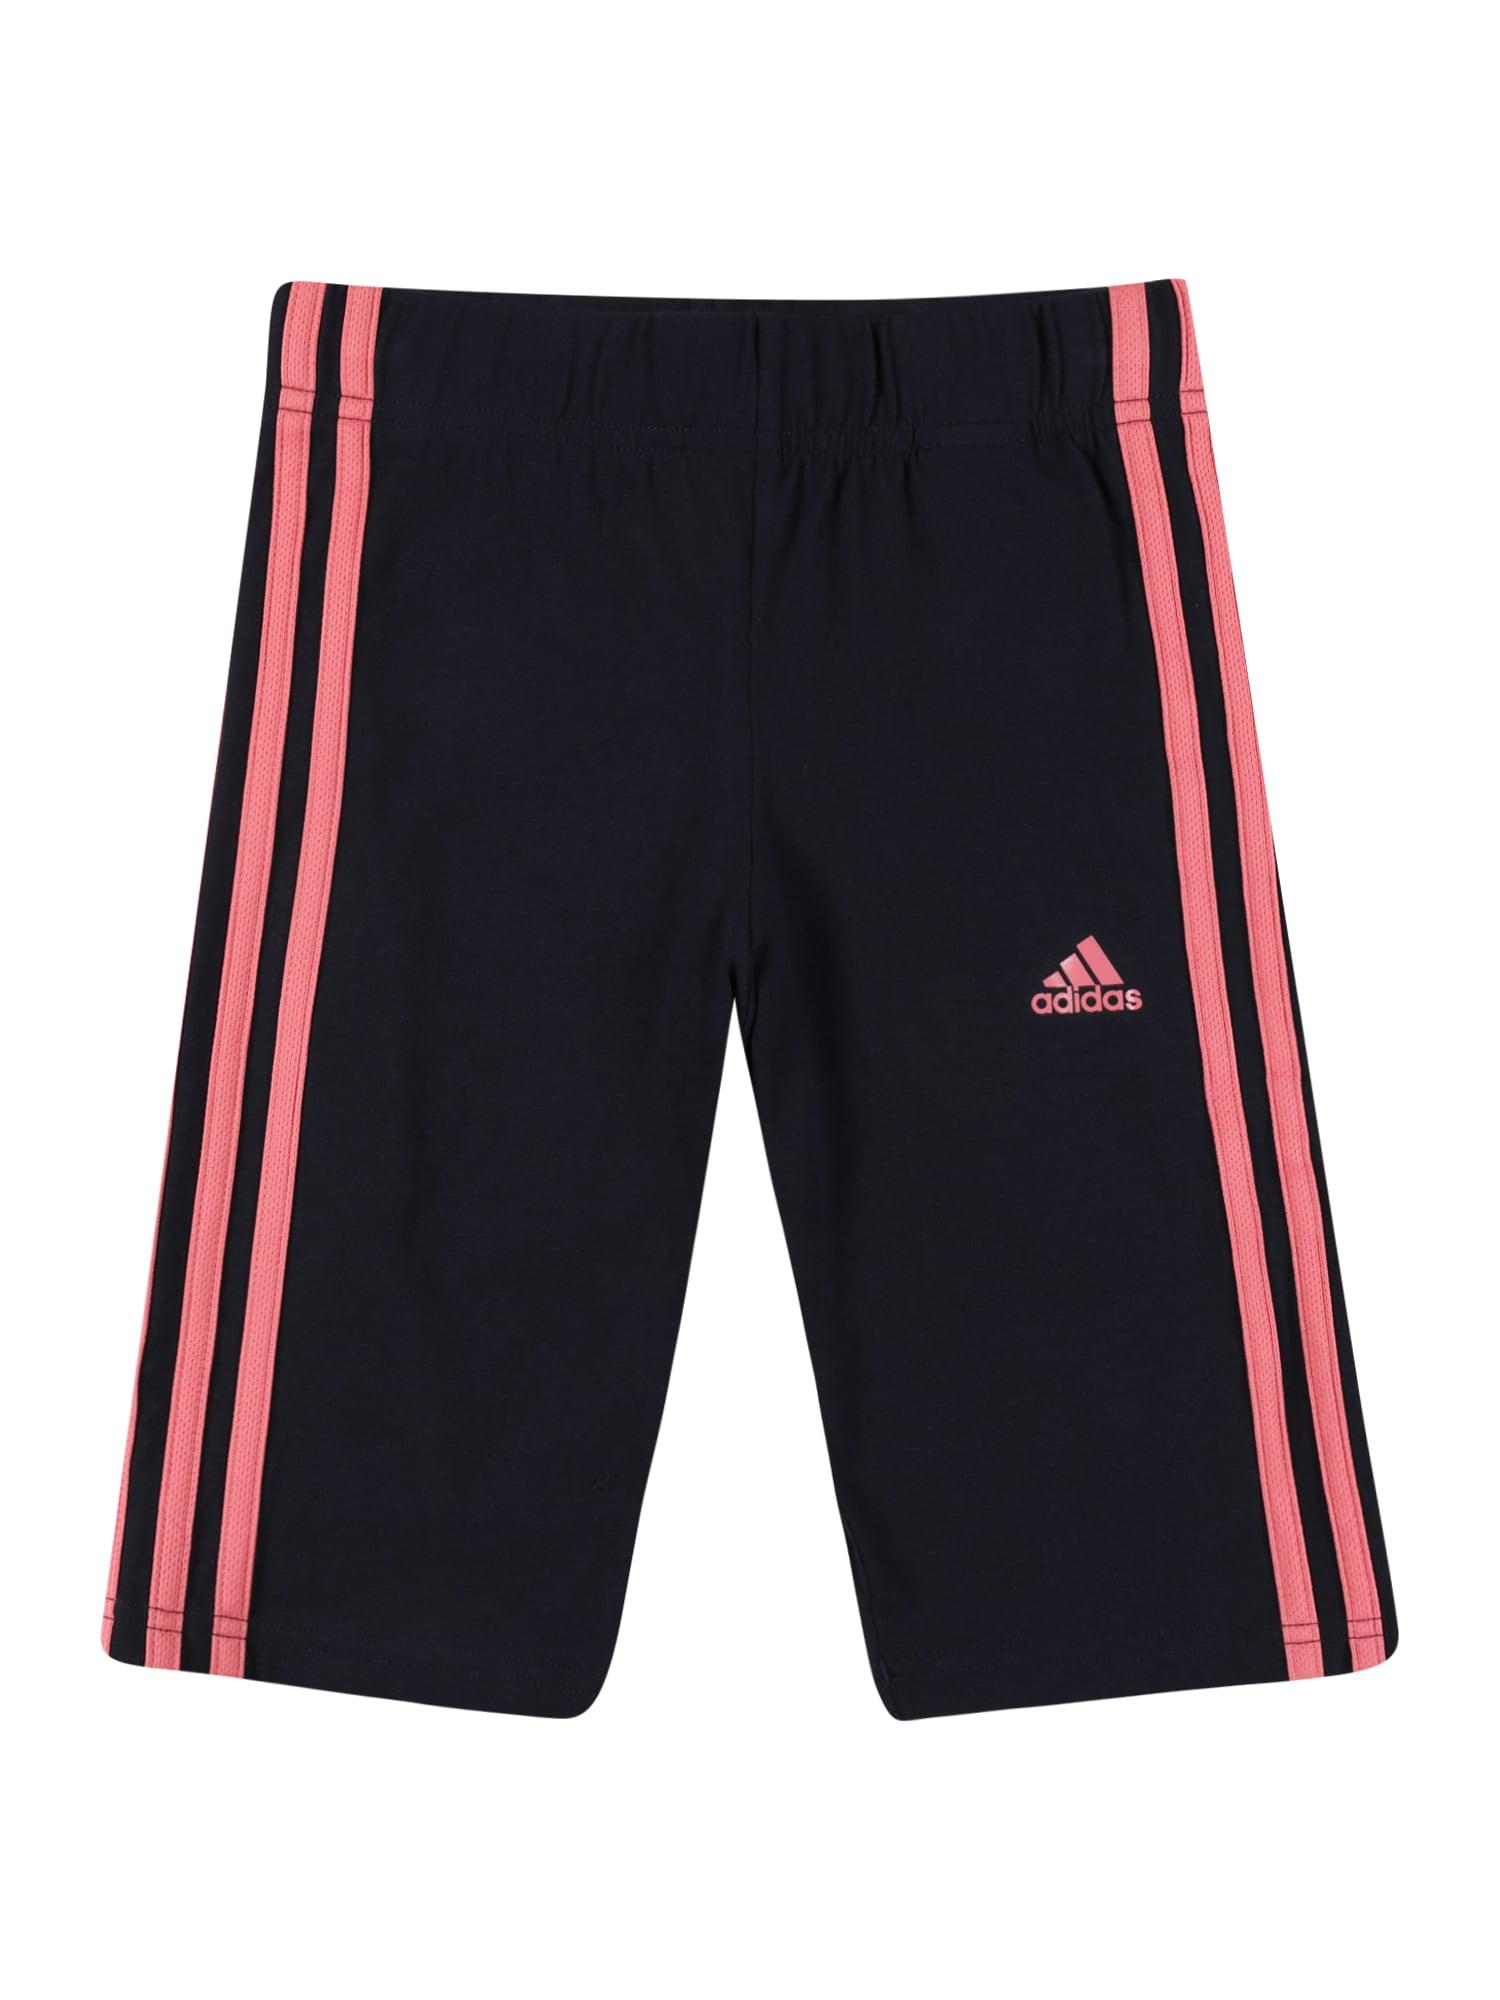 ADIDAS PERFORMANCE Sportinės kelnės juoda / rožinė